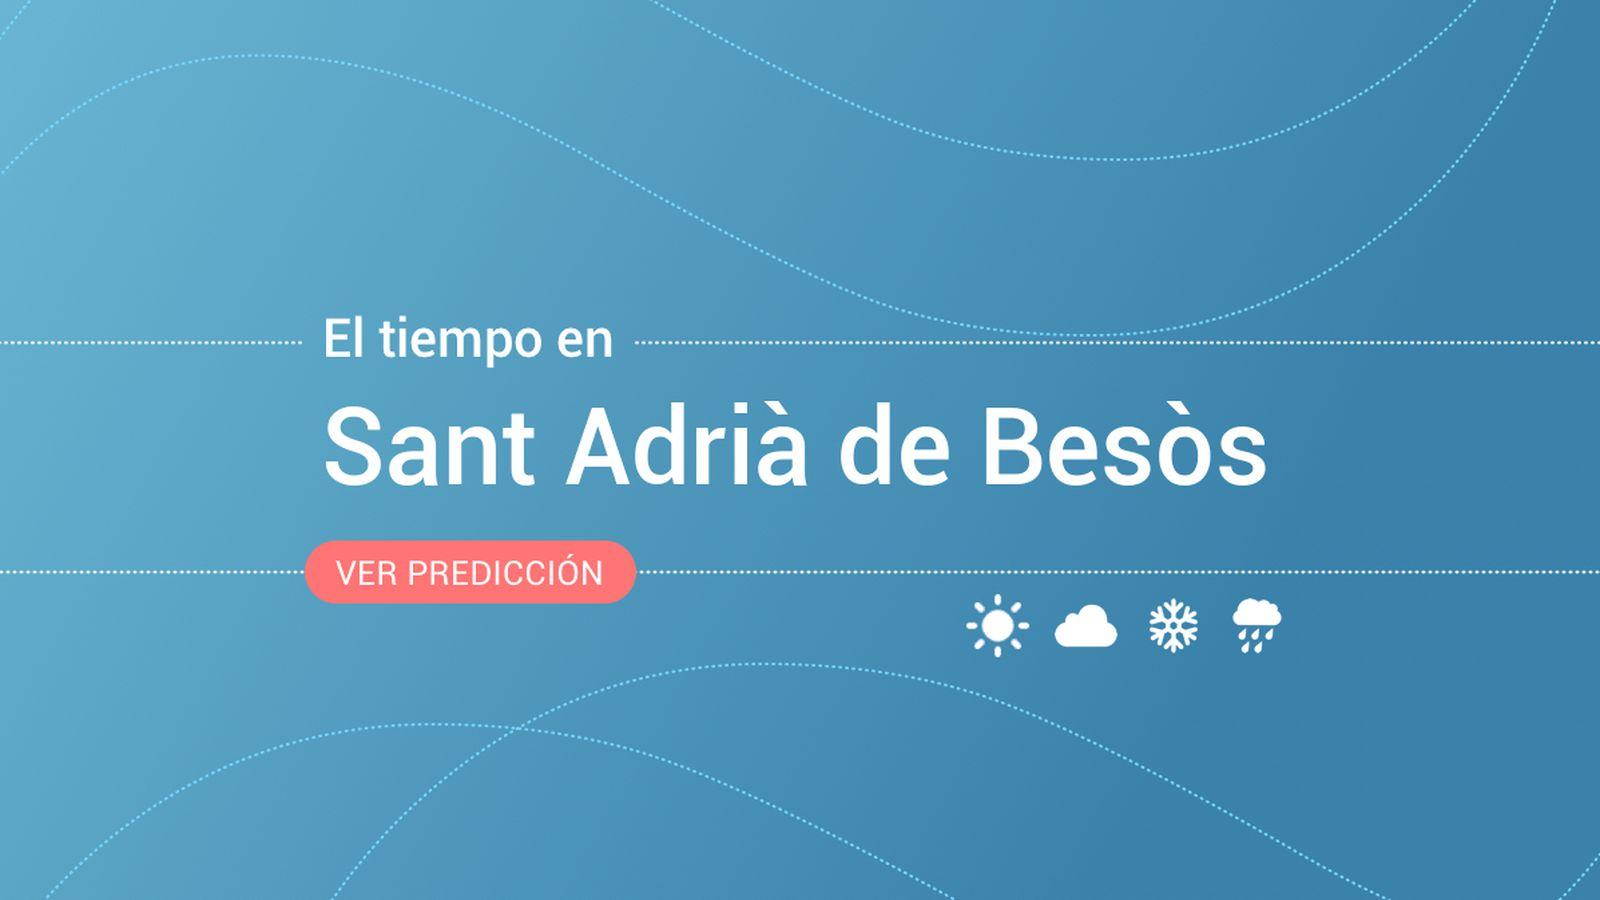 Foto: El tiempo en Sant Adrià de Besòs. (EC)